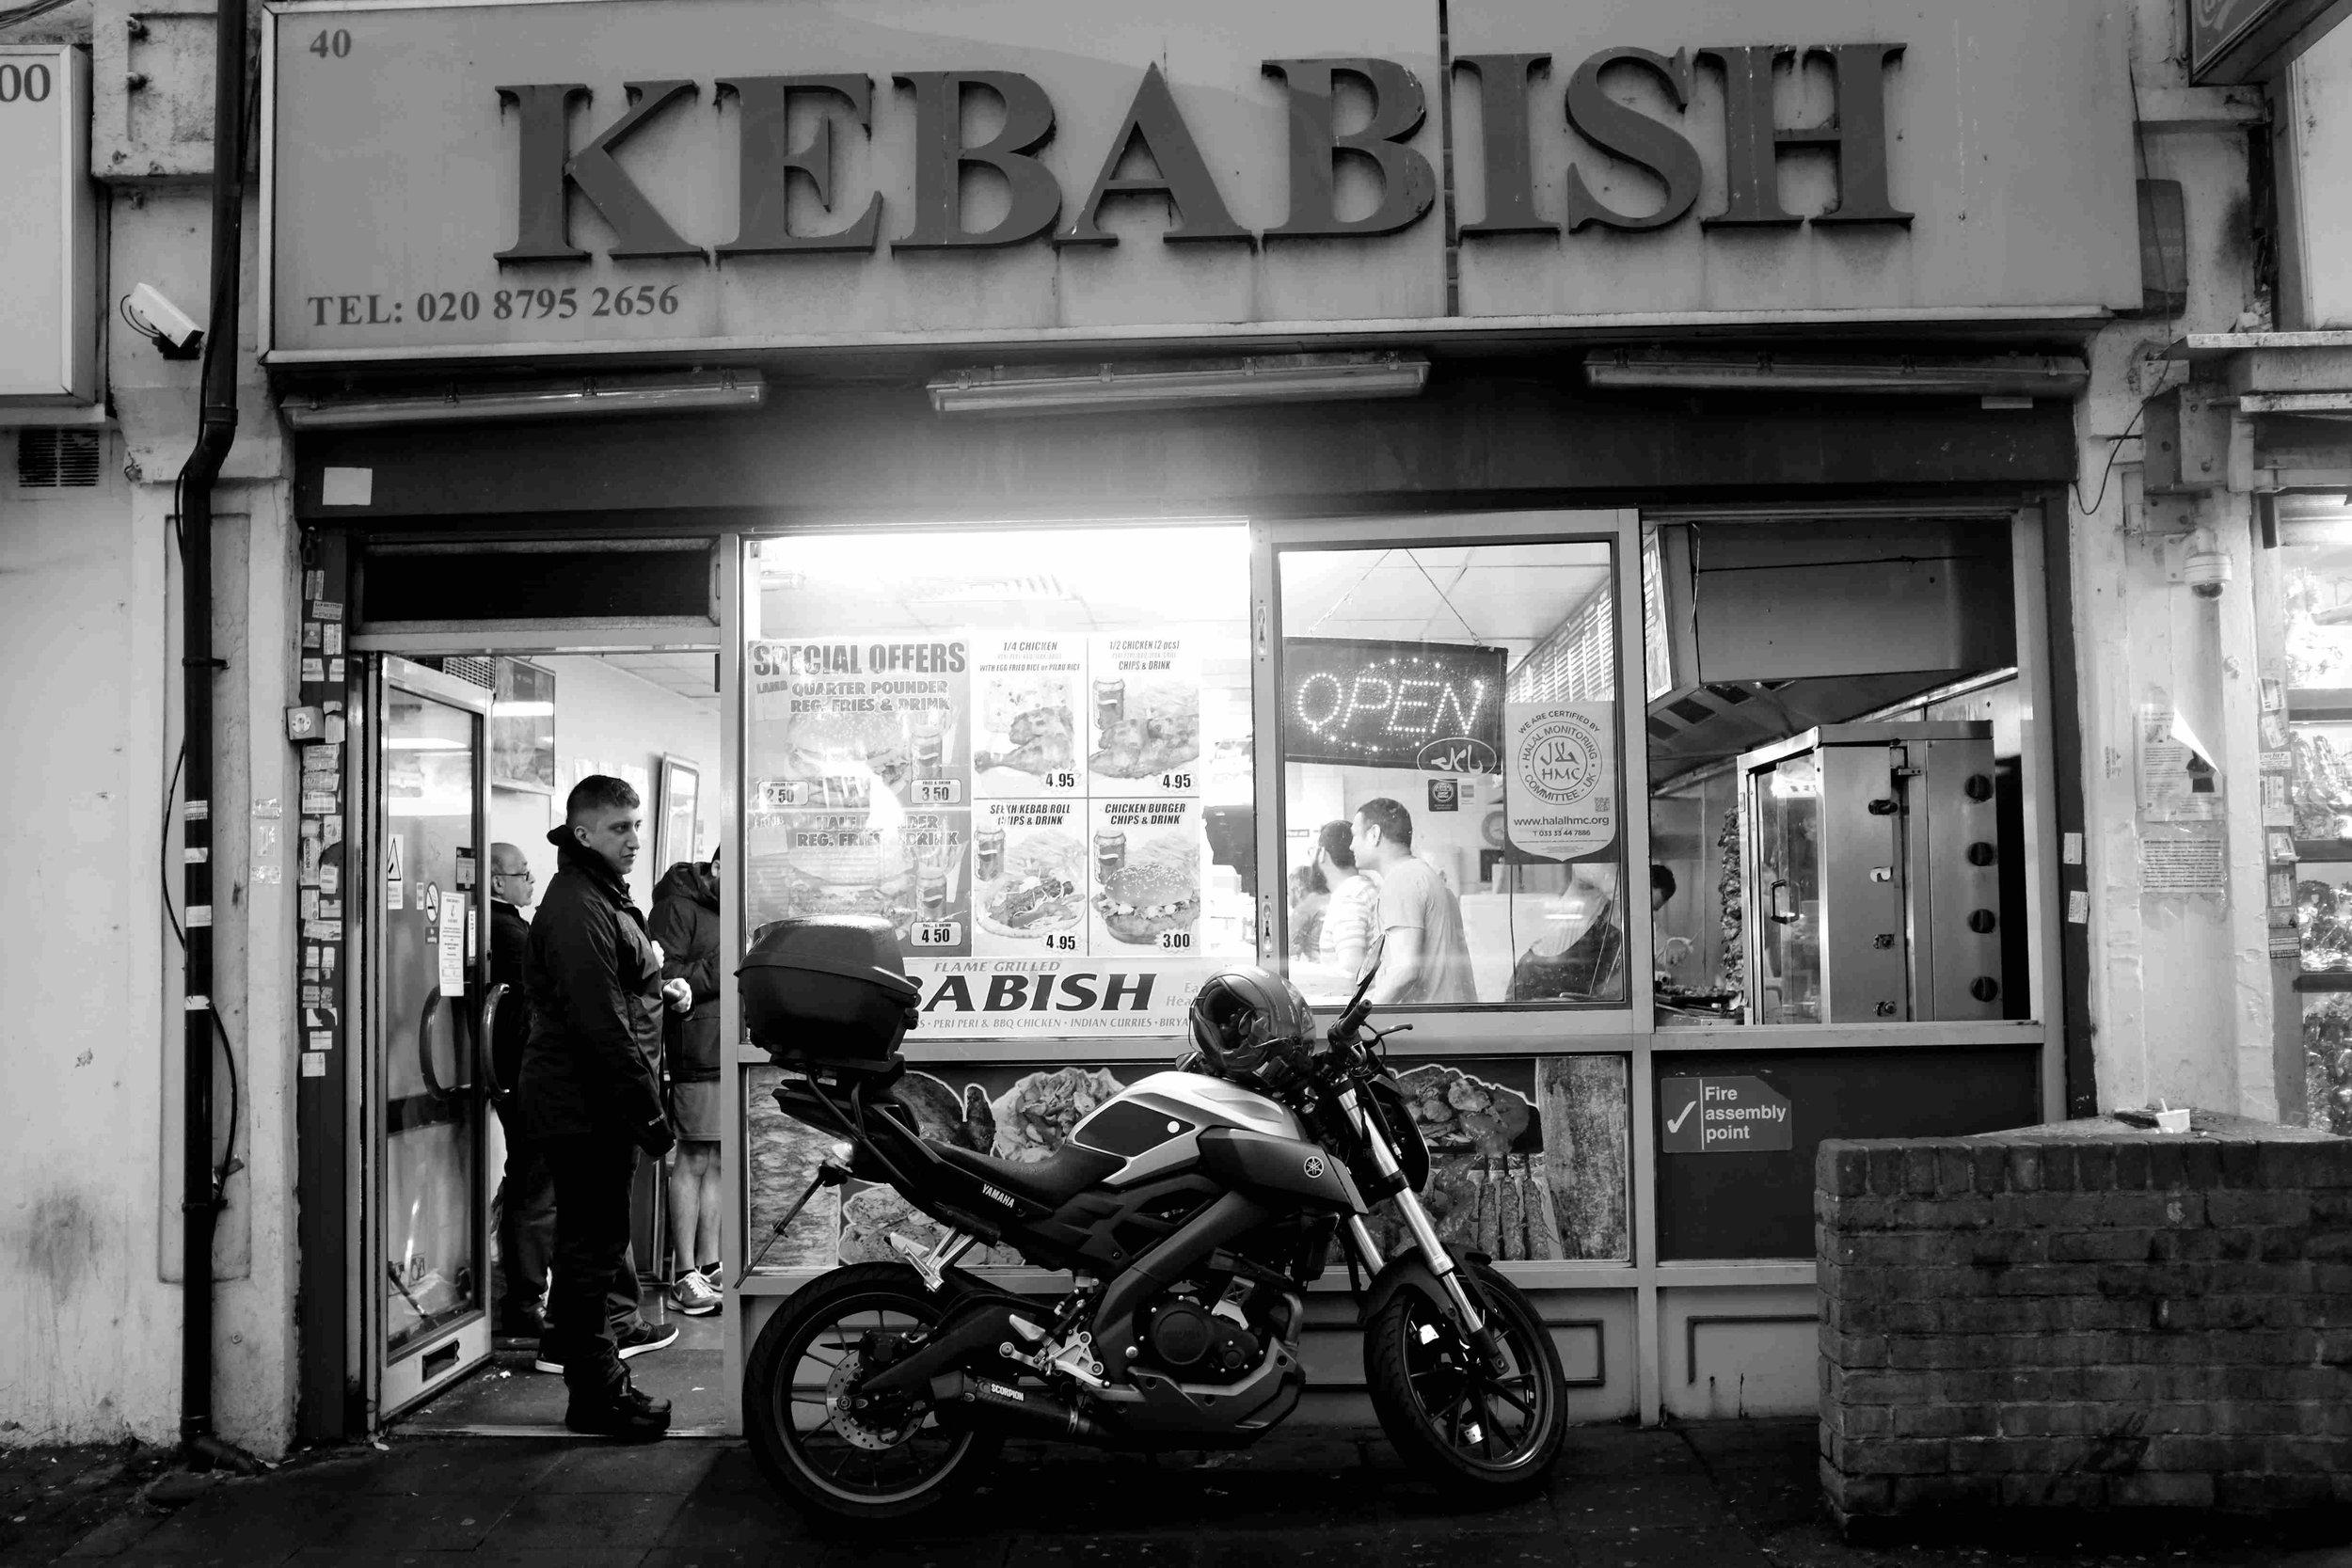 The popular Kebabish, Wembley